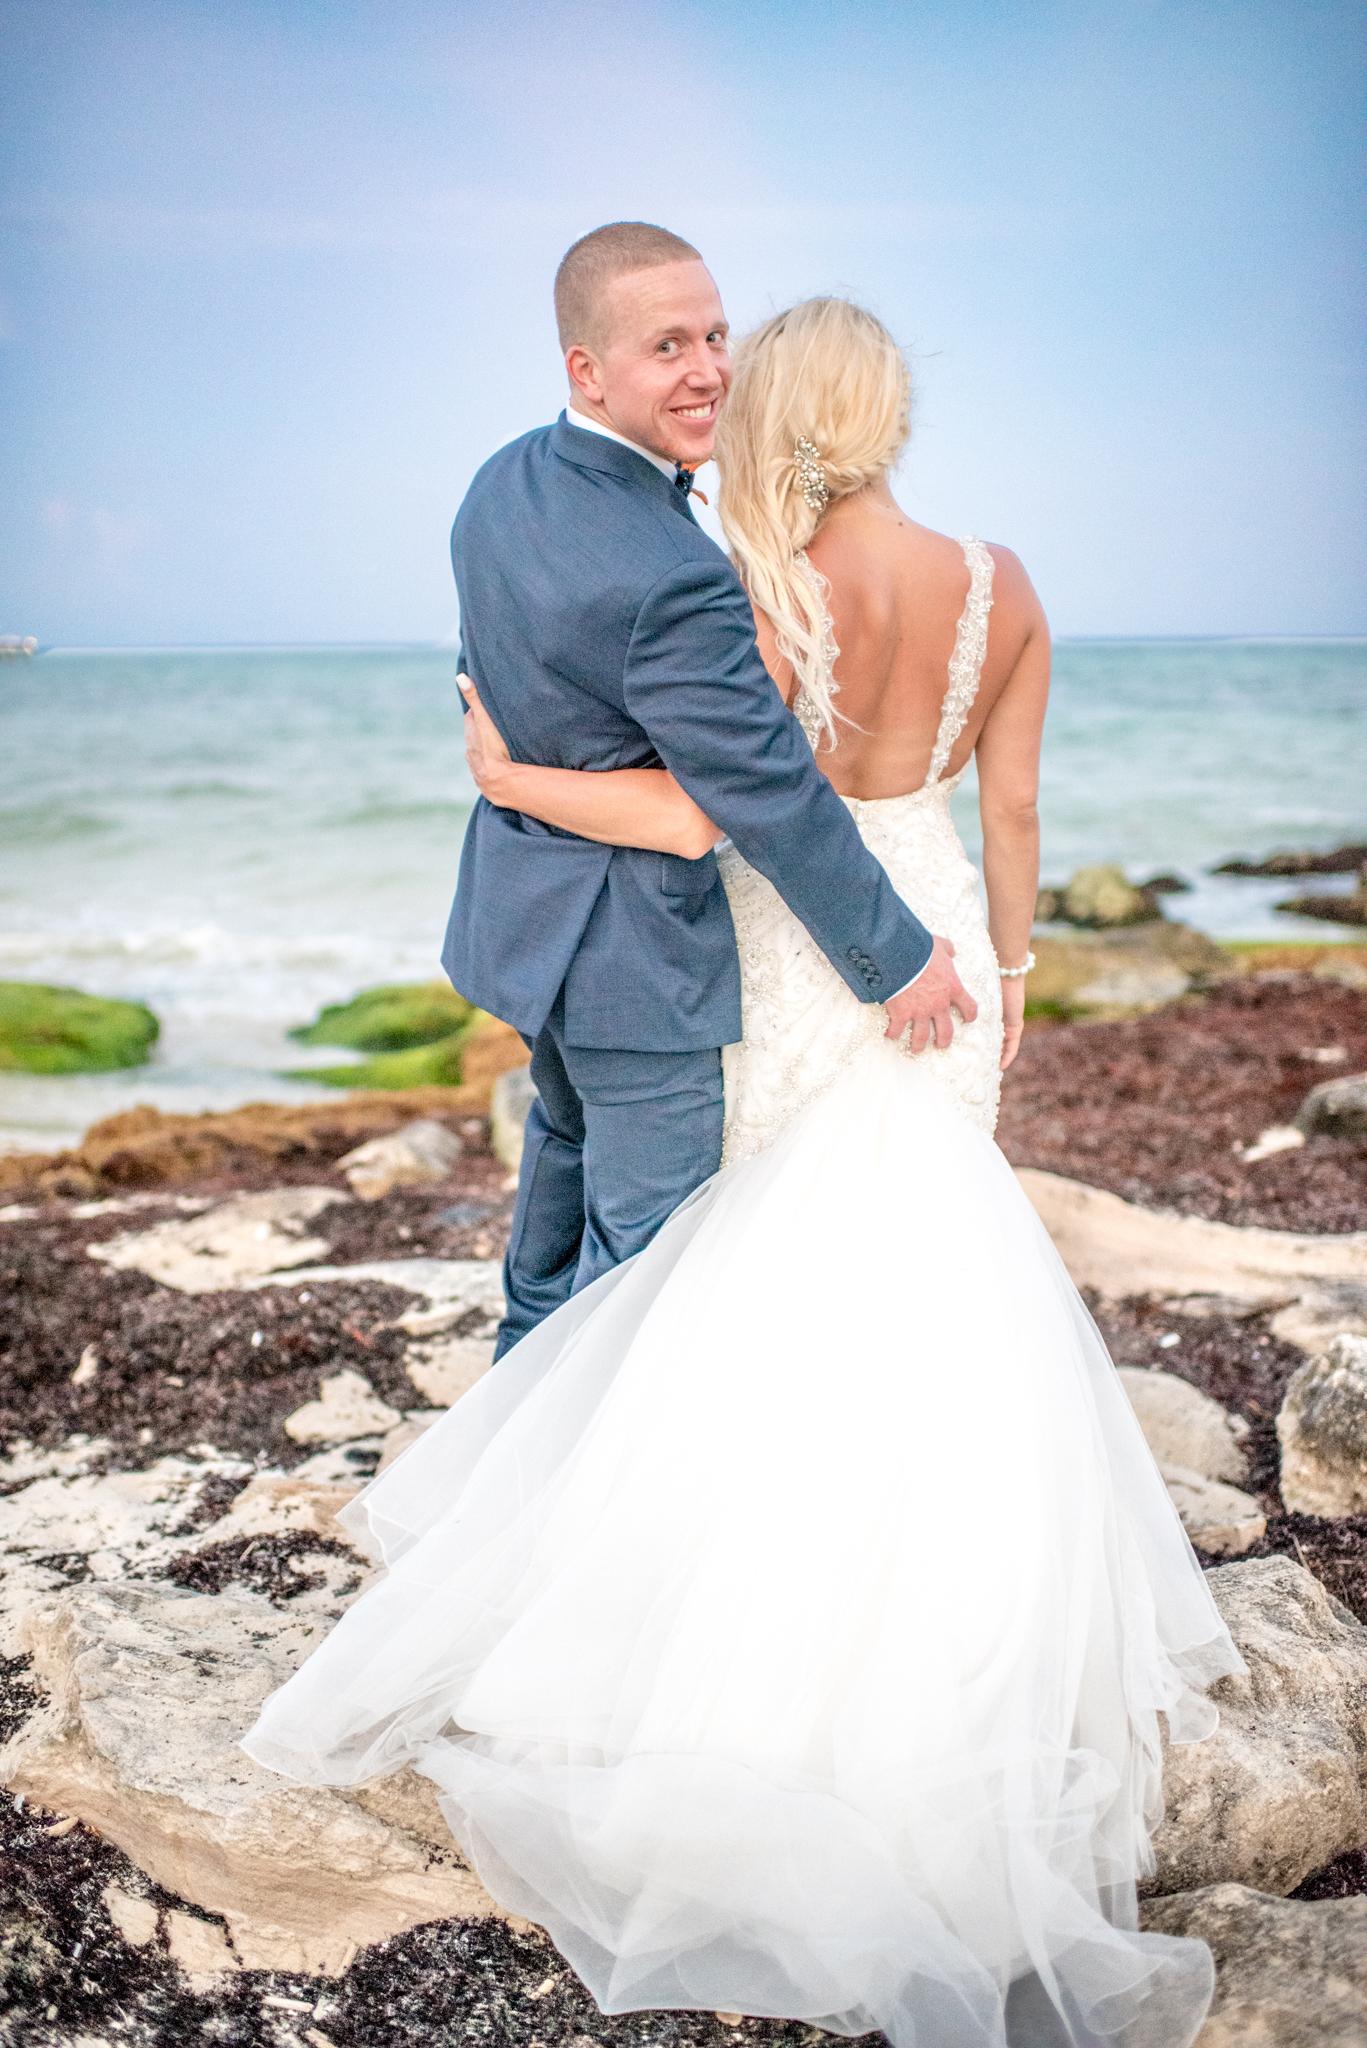 Carly & Corey- Cancun, Mexico Destination Beach Wedding